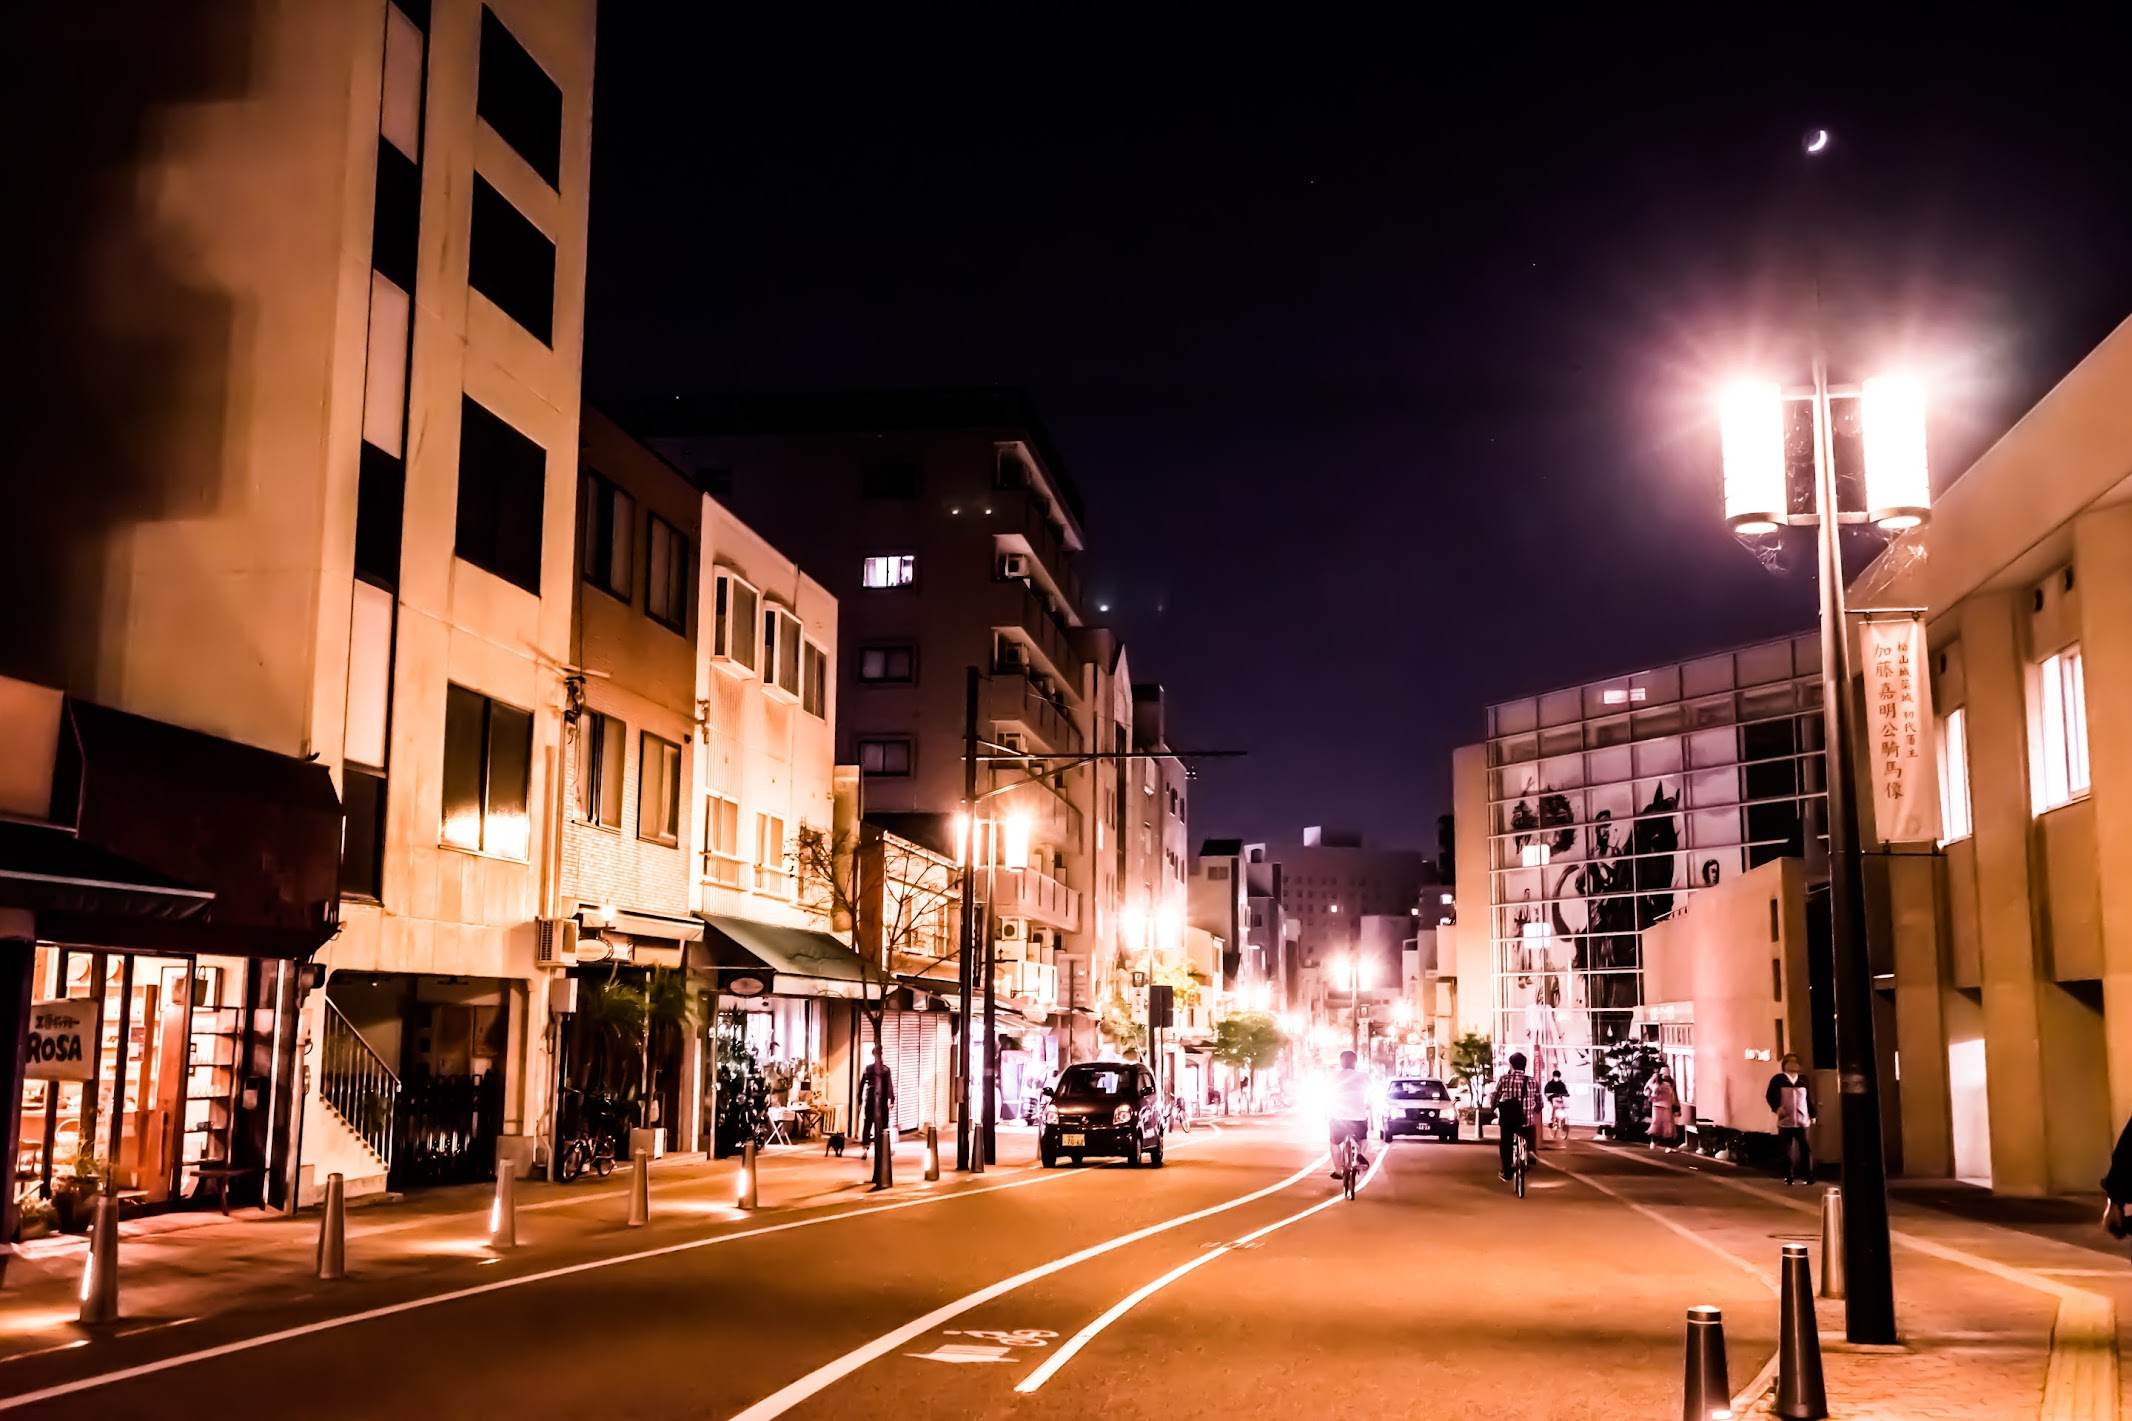 松山 ロープウェイ街 夜景